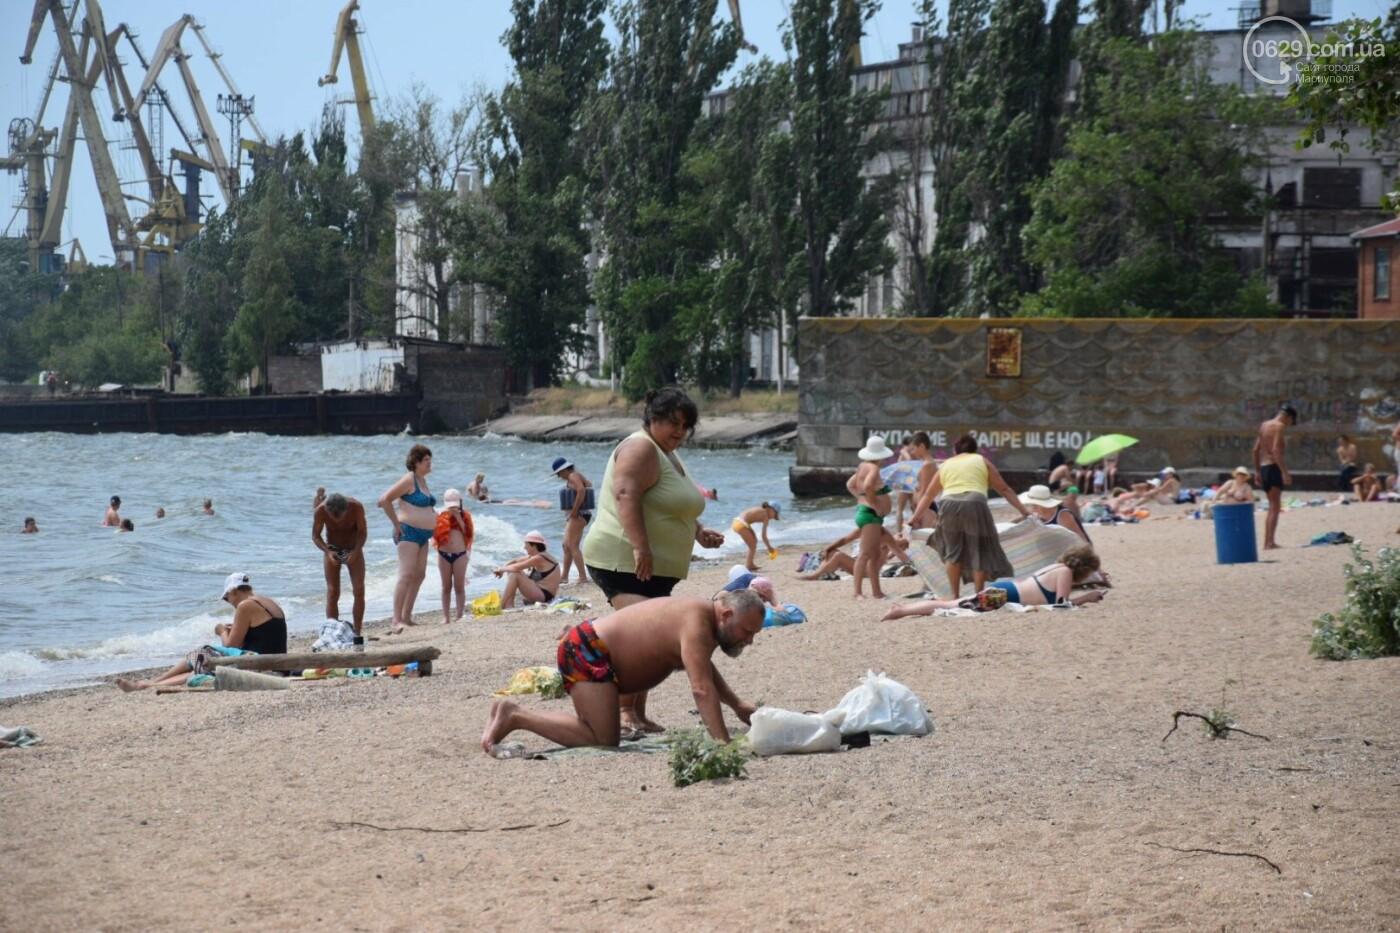 ТОП лучших пляжей Мариуполя, - ФОТО, фото-30